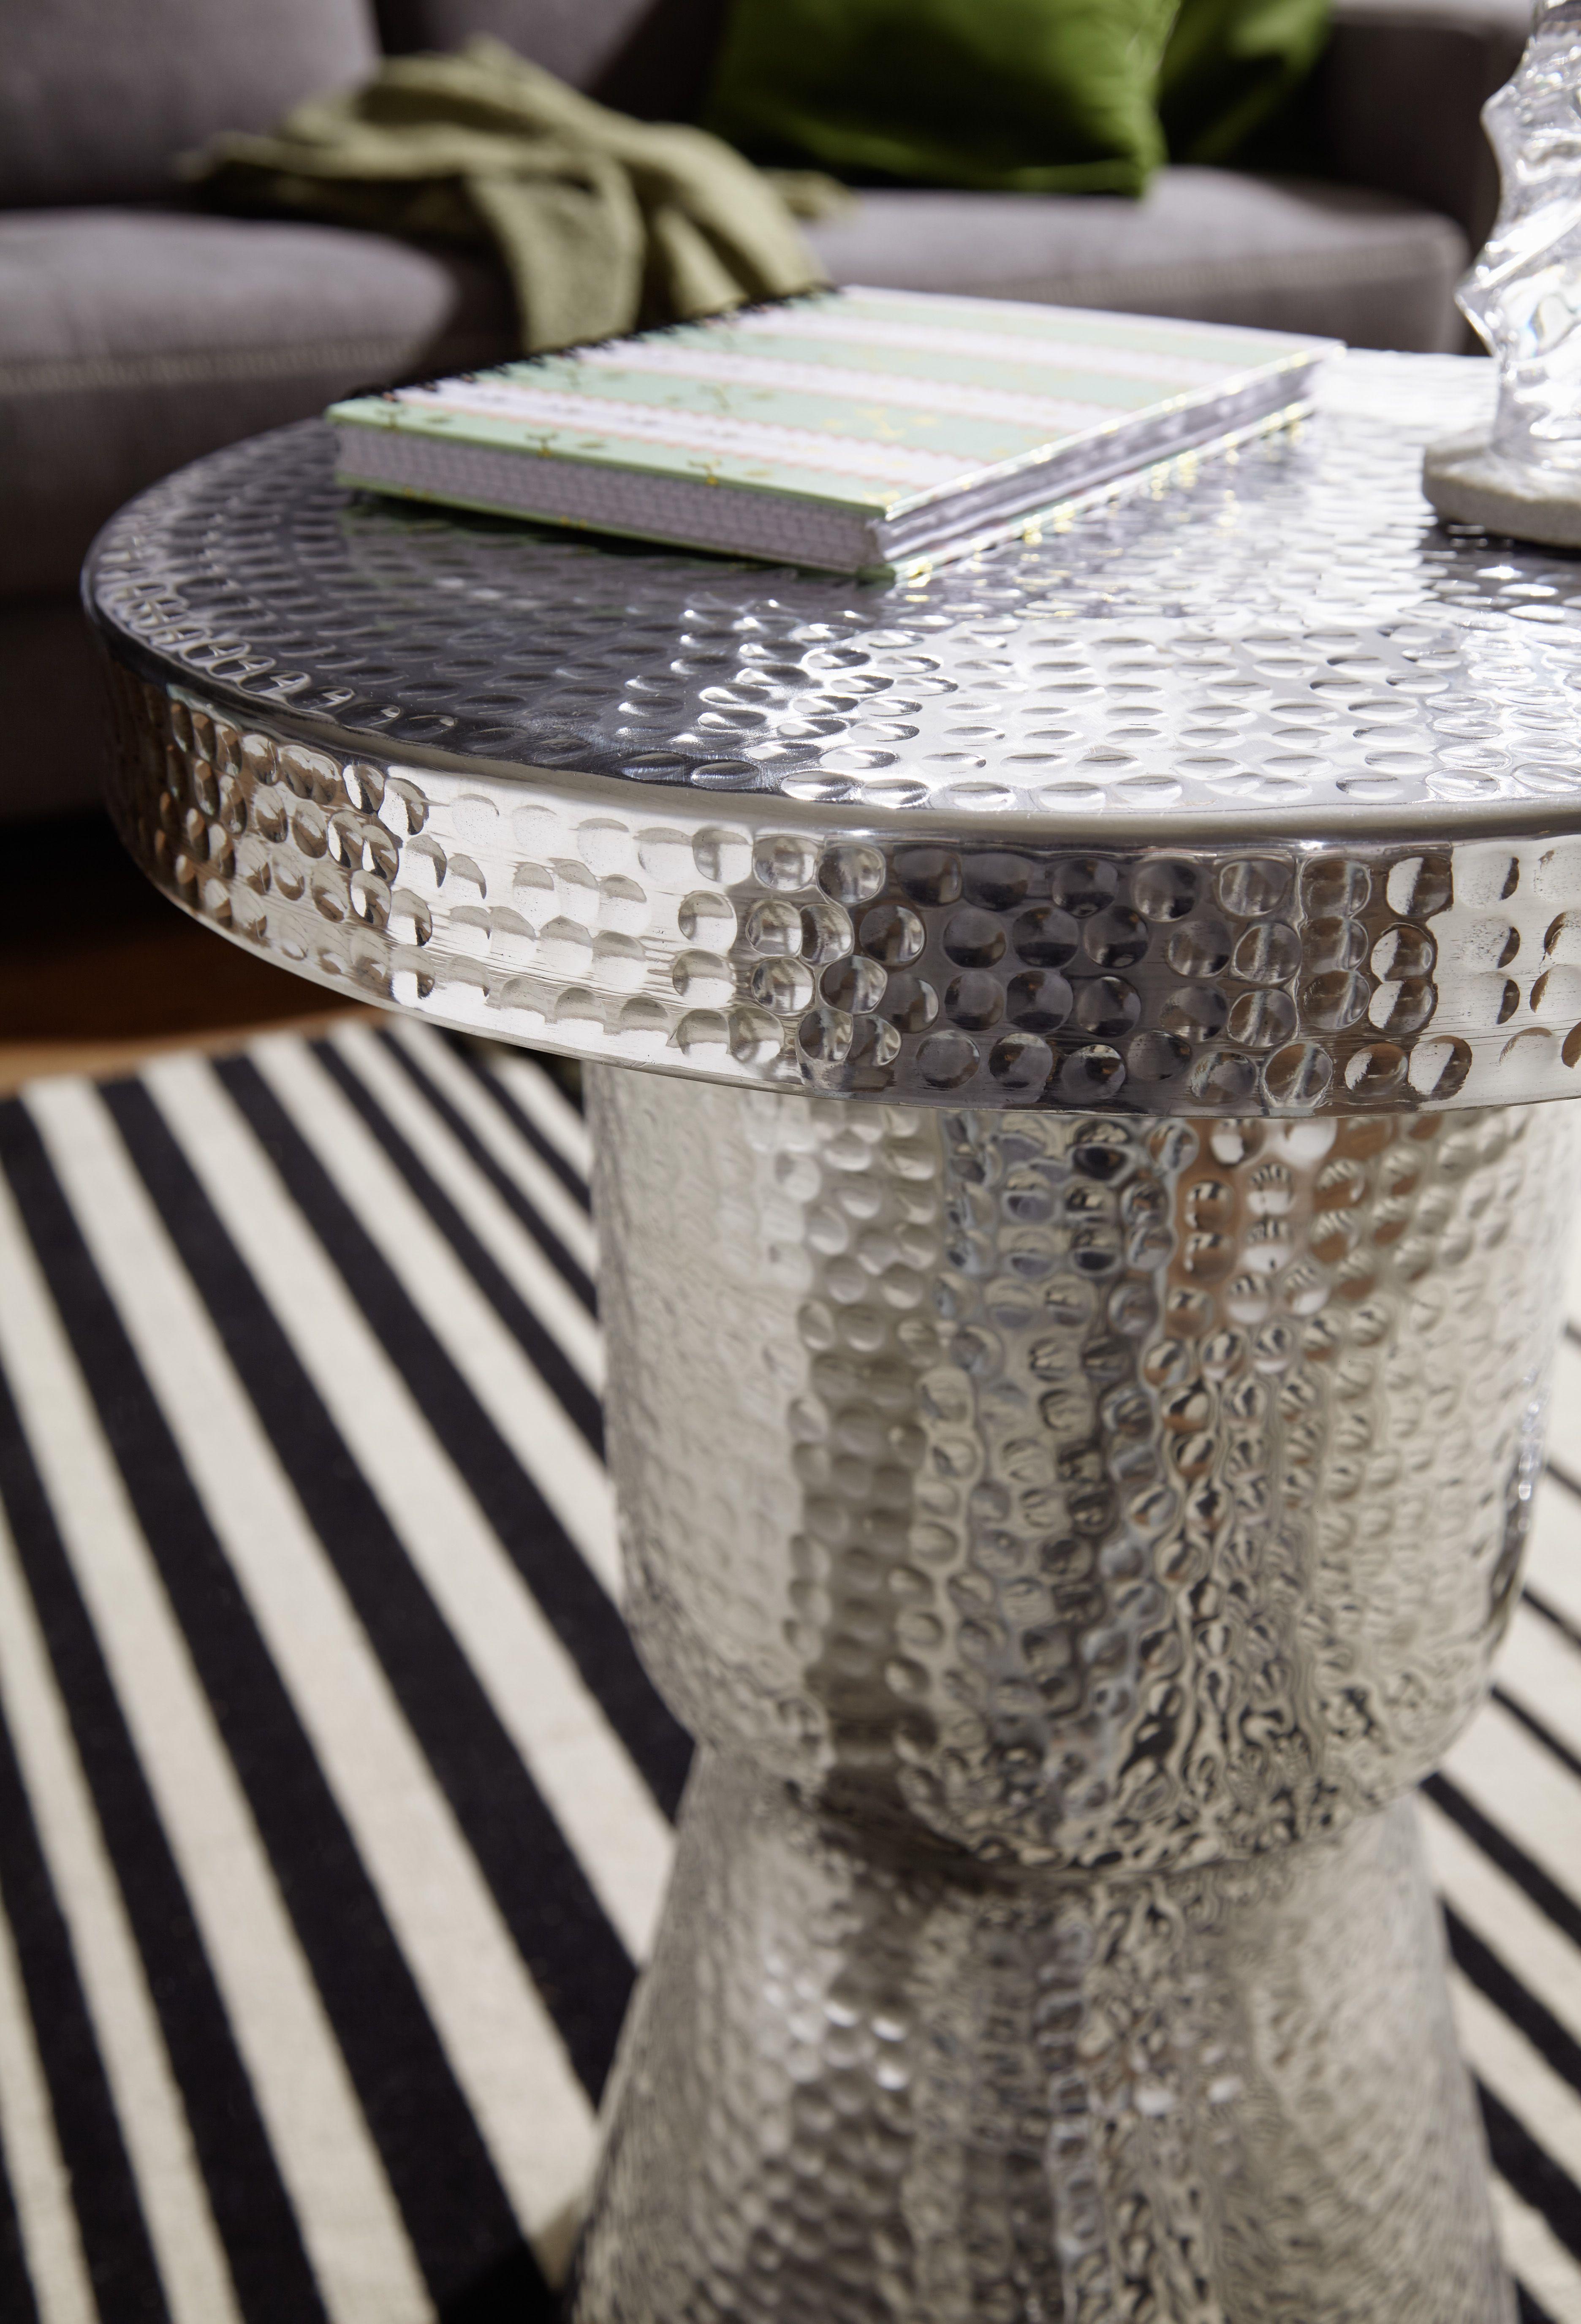 Wohnling Beistelltisch Delyla Silber Wl5 478 Aus Aluminium Silber Metall Wohnidee Dekoration Ablage Wohnen Vasenf Aluminium Beistelltische Beistelltisch